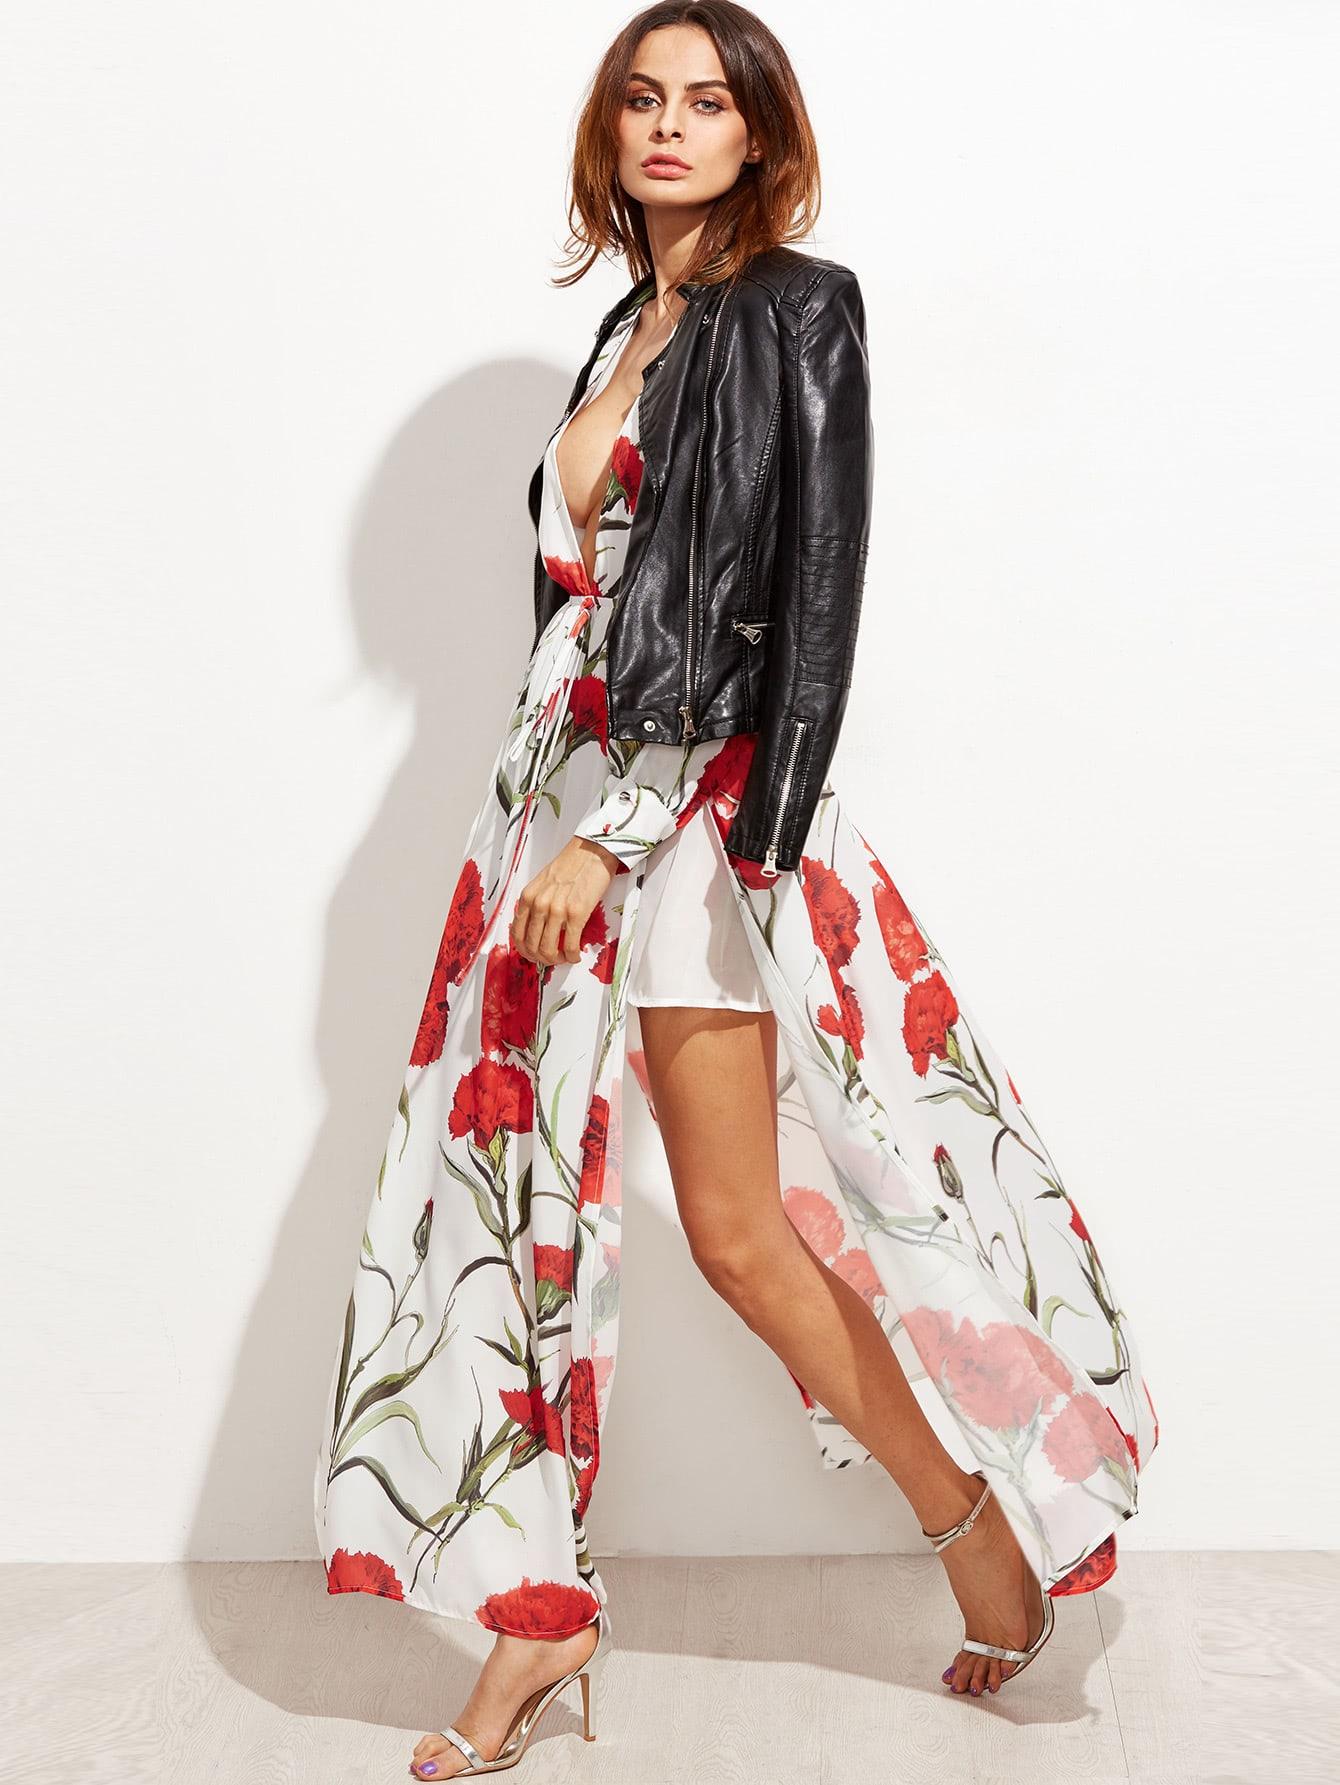 dress161010717_2